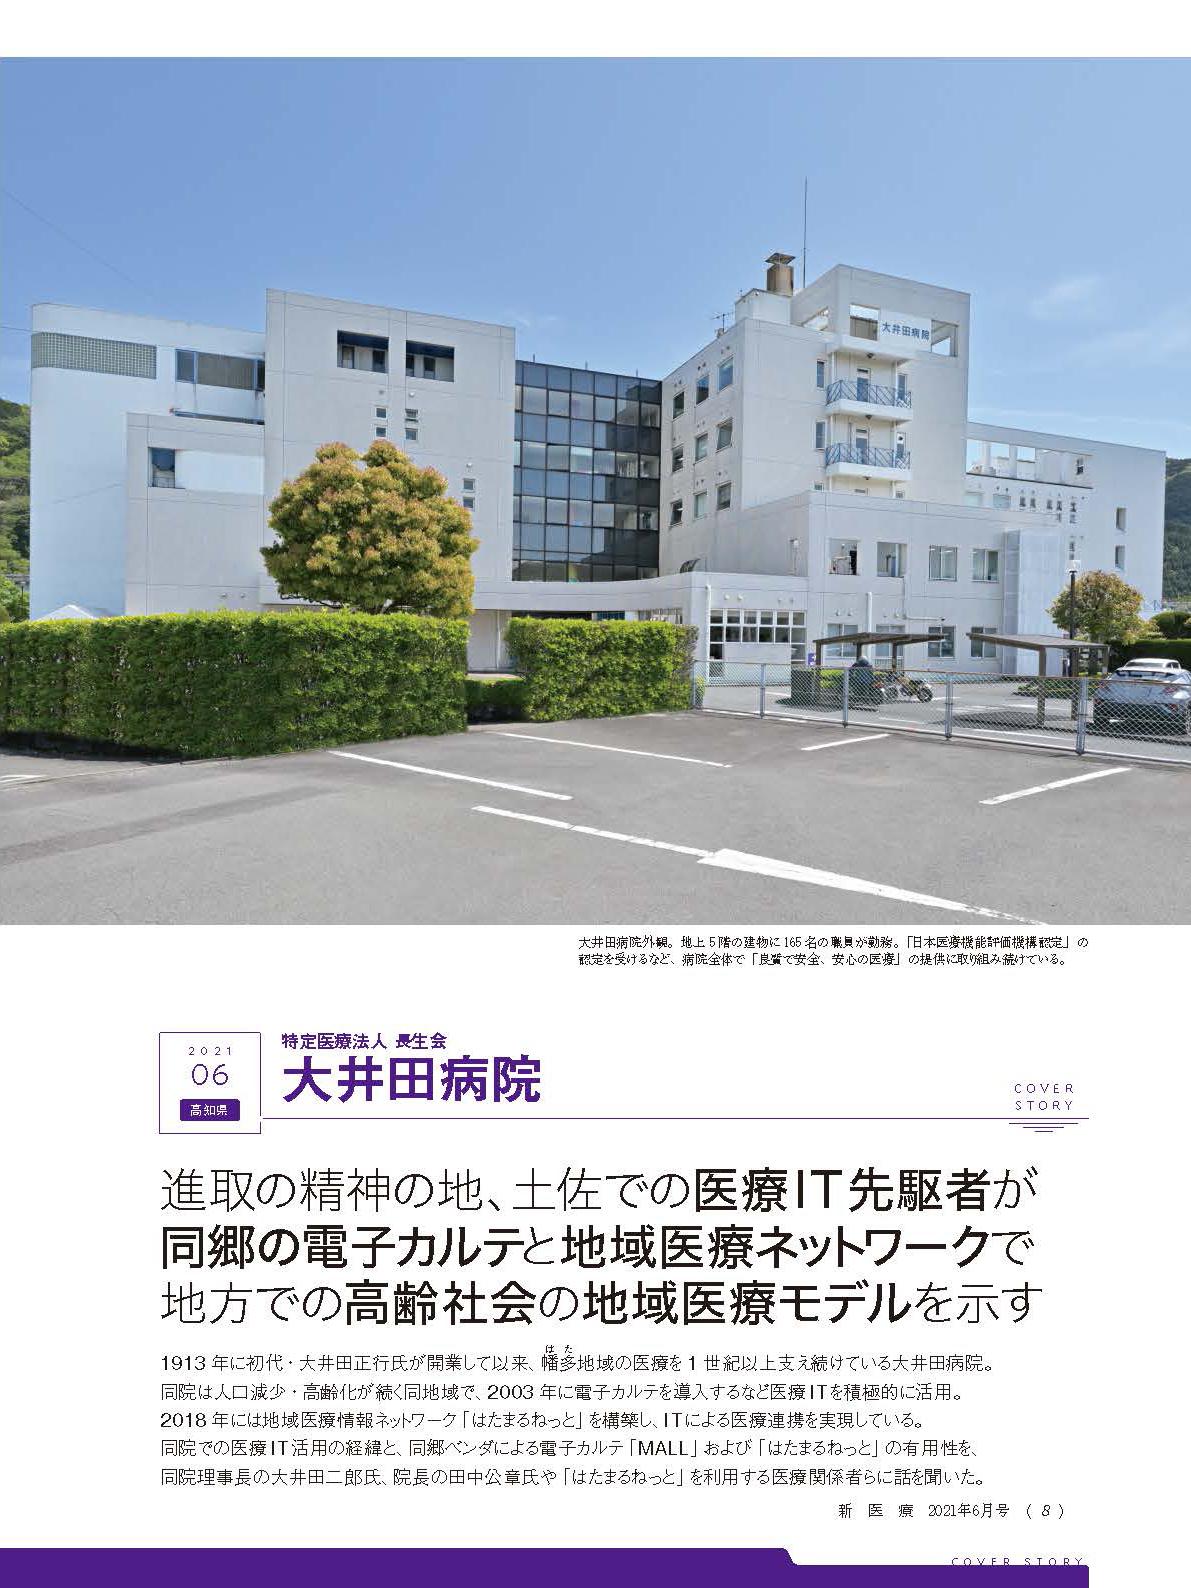 大井田病院